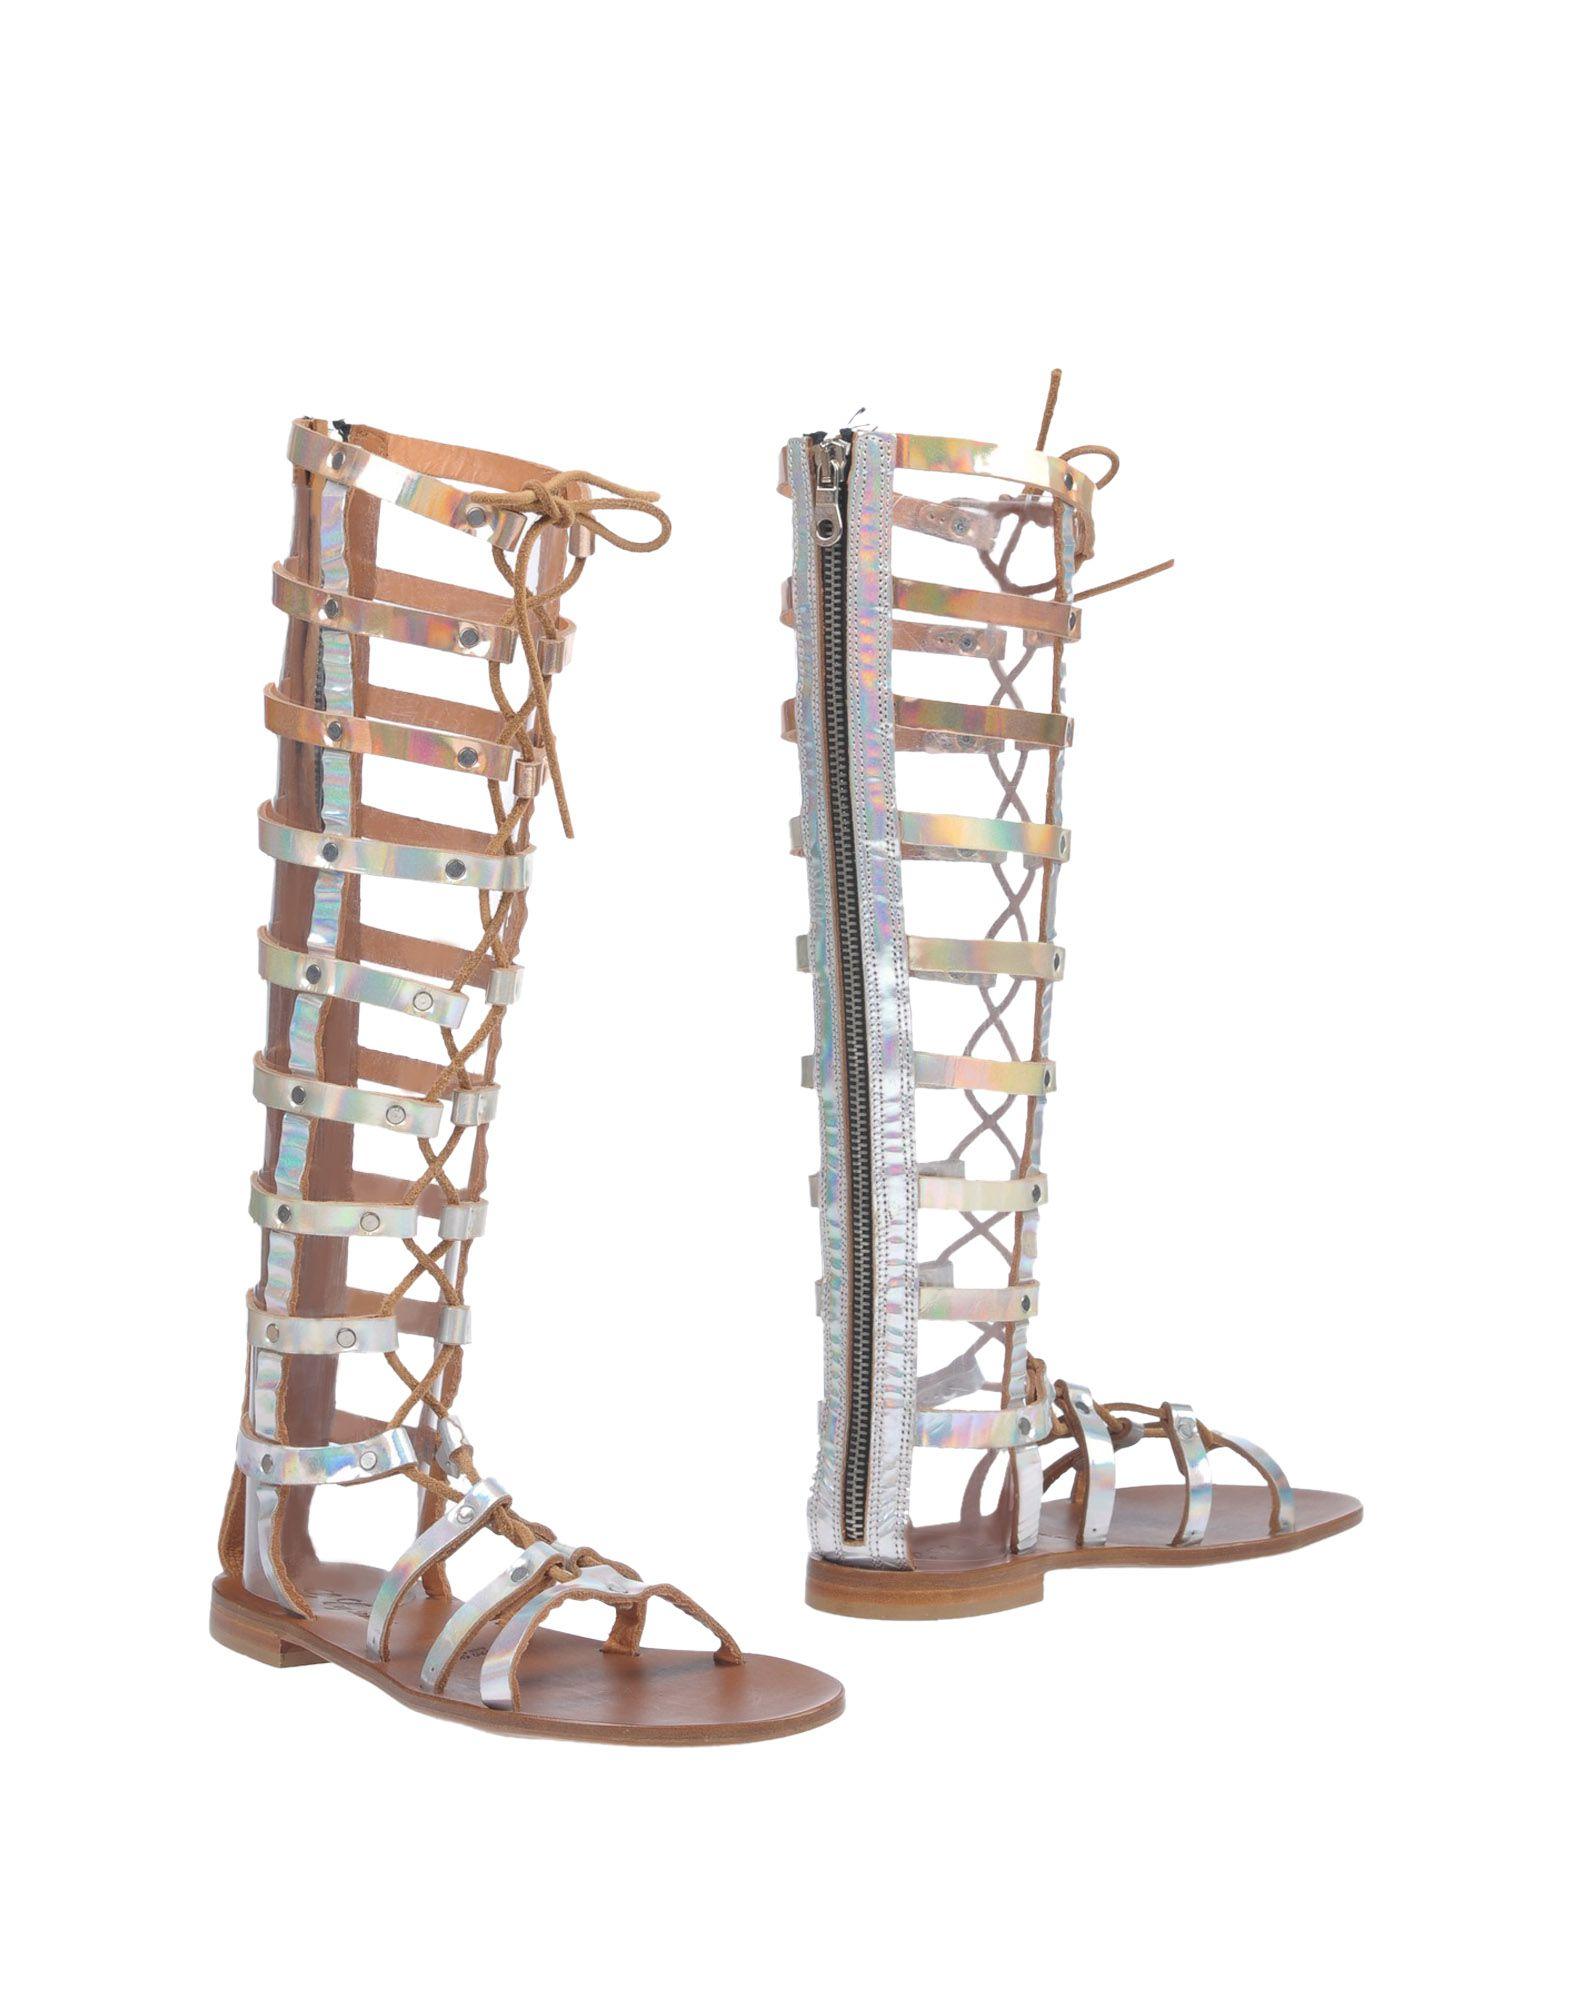 Sandales Les Copains Femme - Sandales Les Copains sur